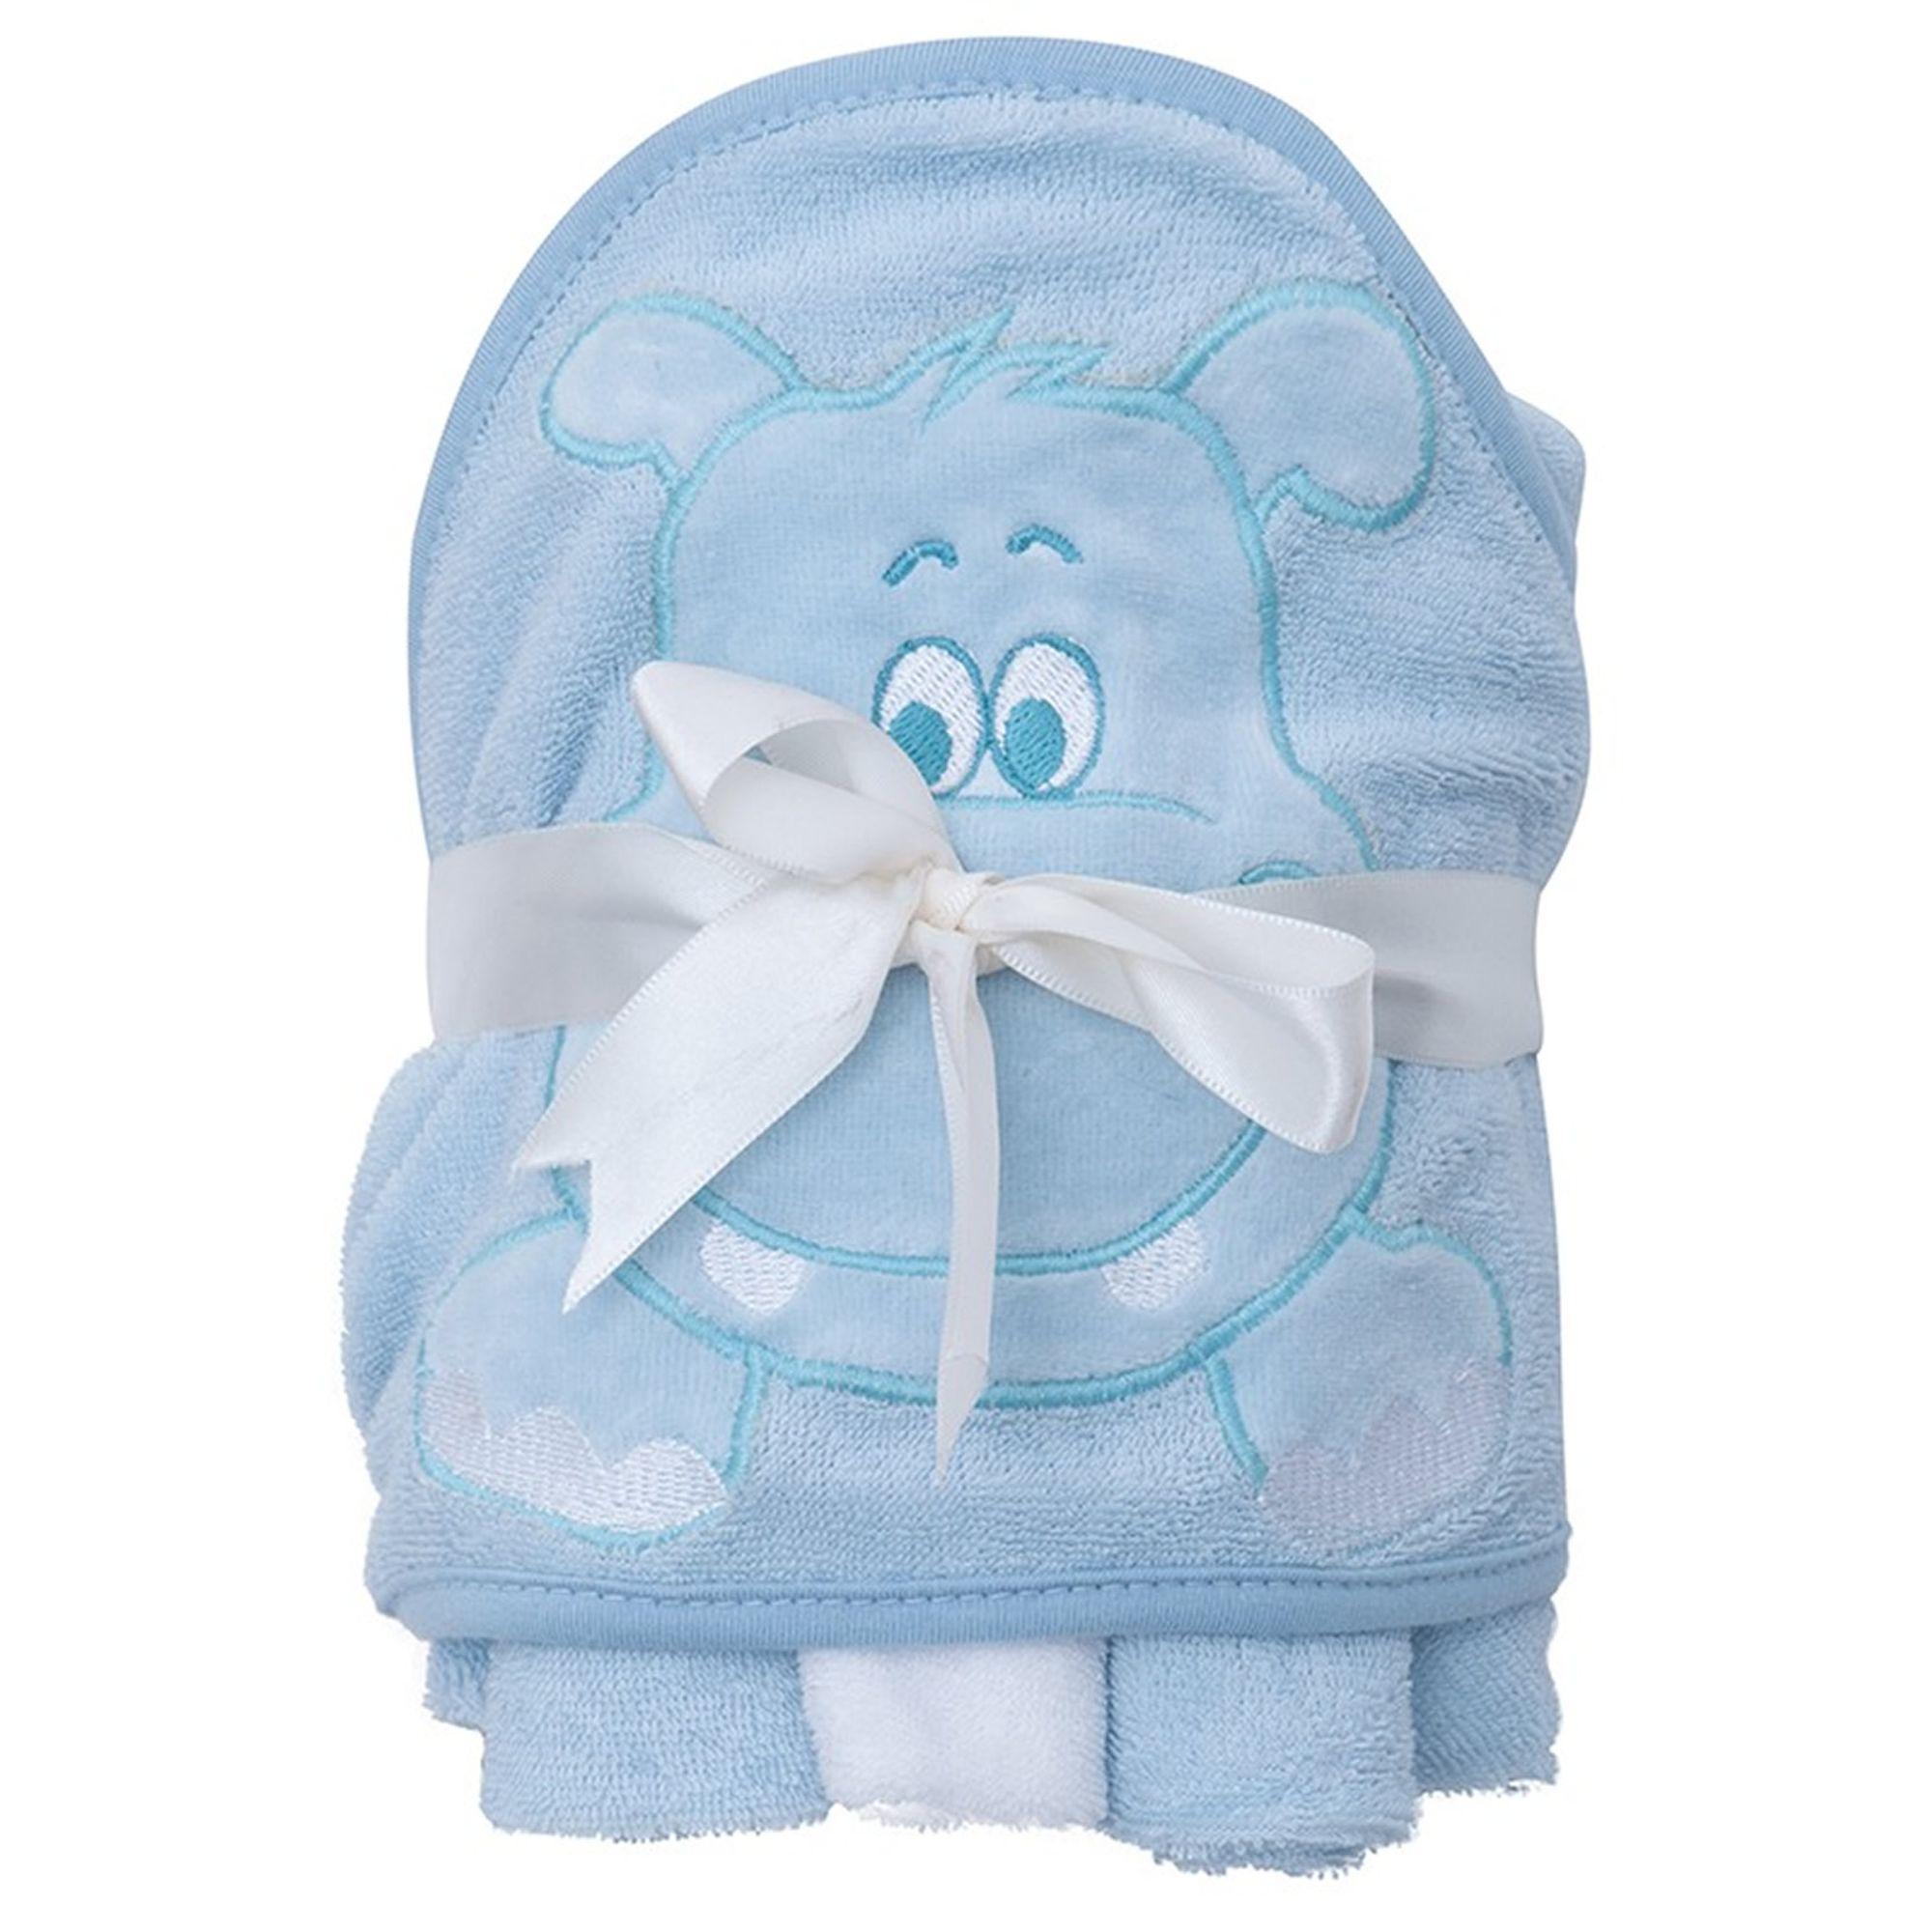 kit-toalha-e-3-toalhinhas-boca-hipopotamo-azul-ziptoys-1